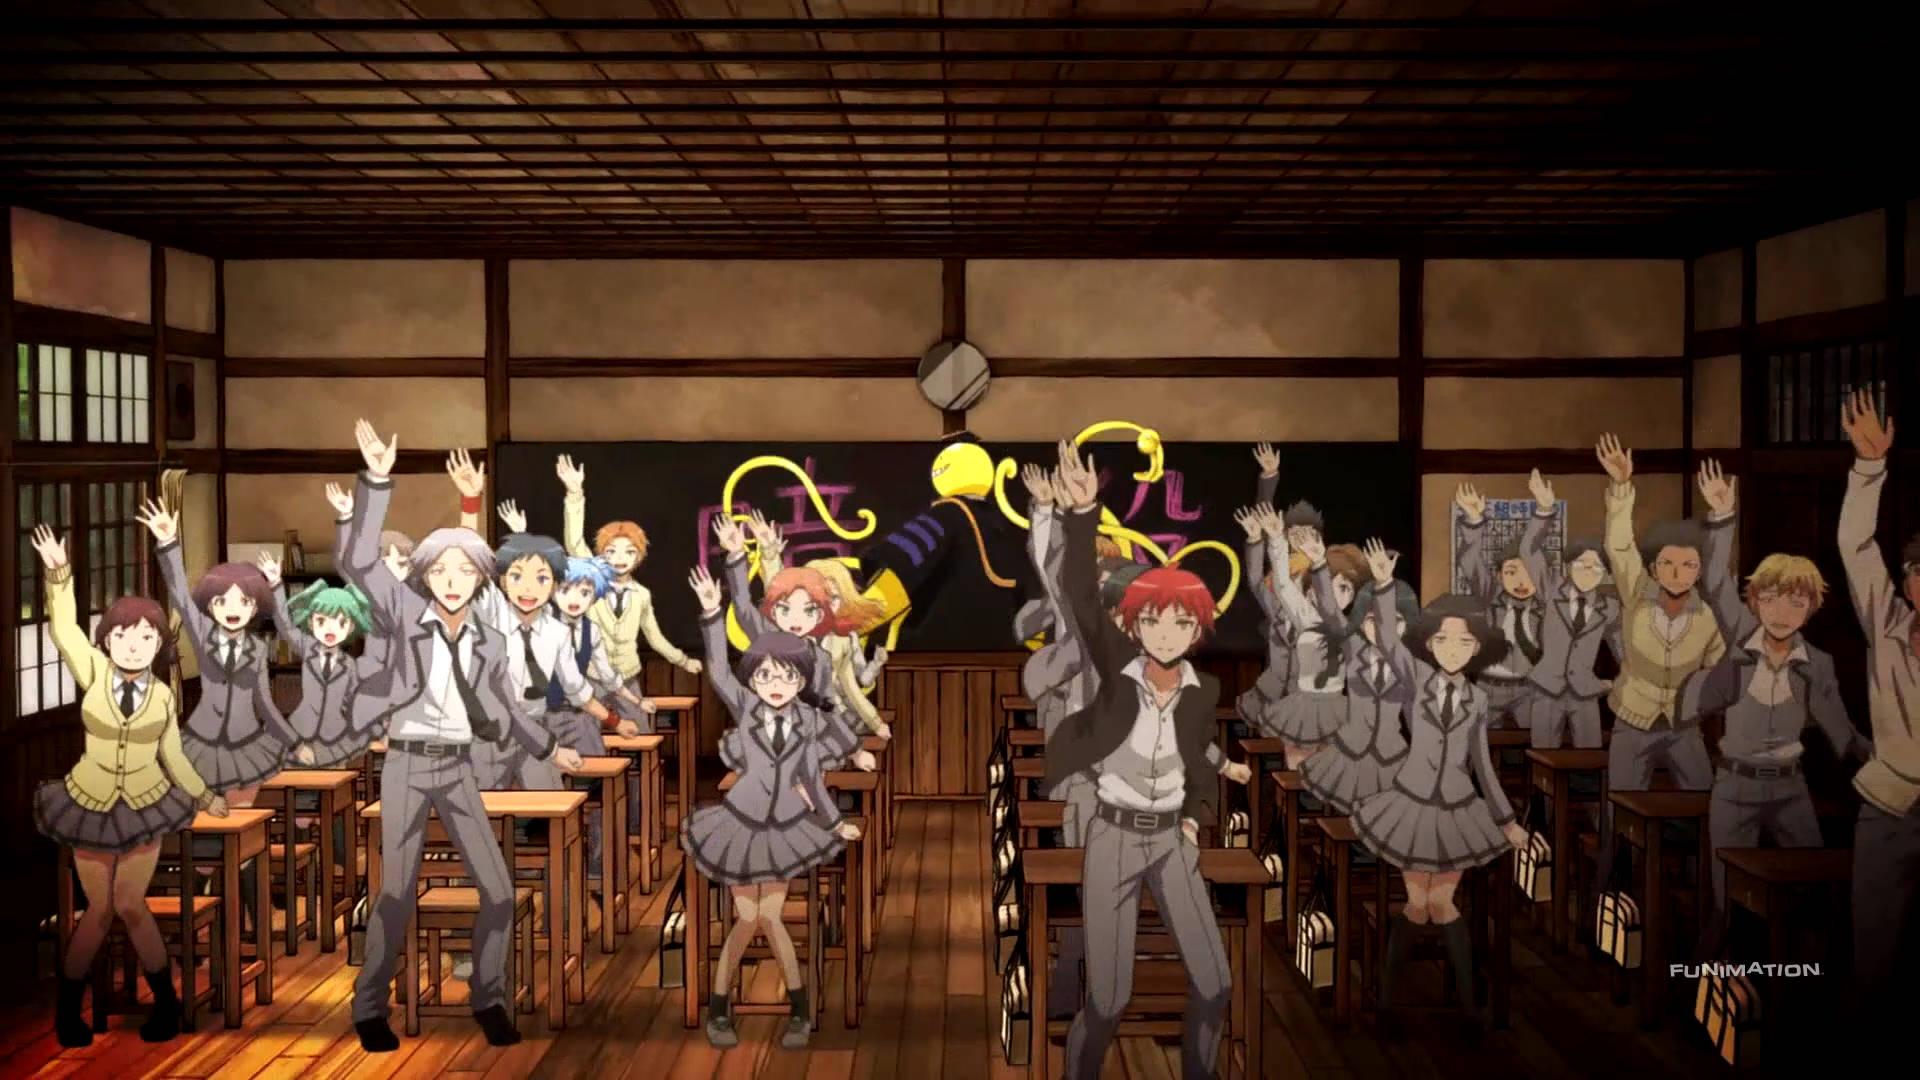 shingeki no kyojin wallpaper hd pack